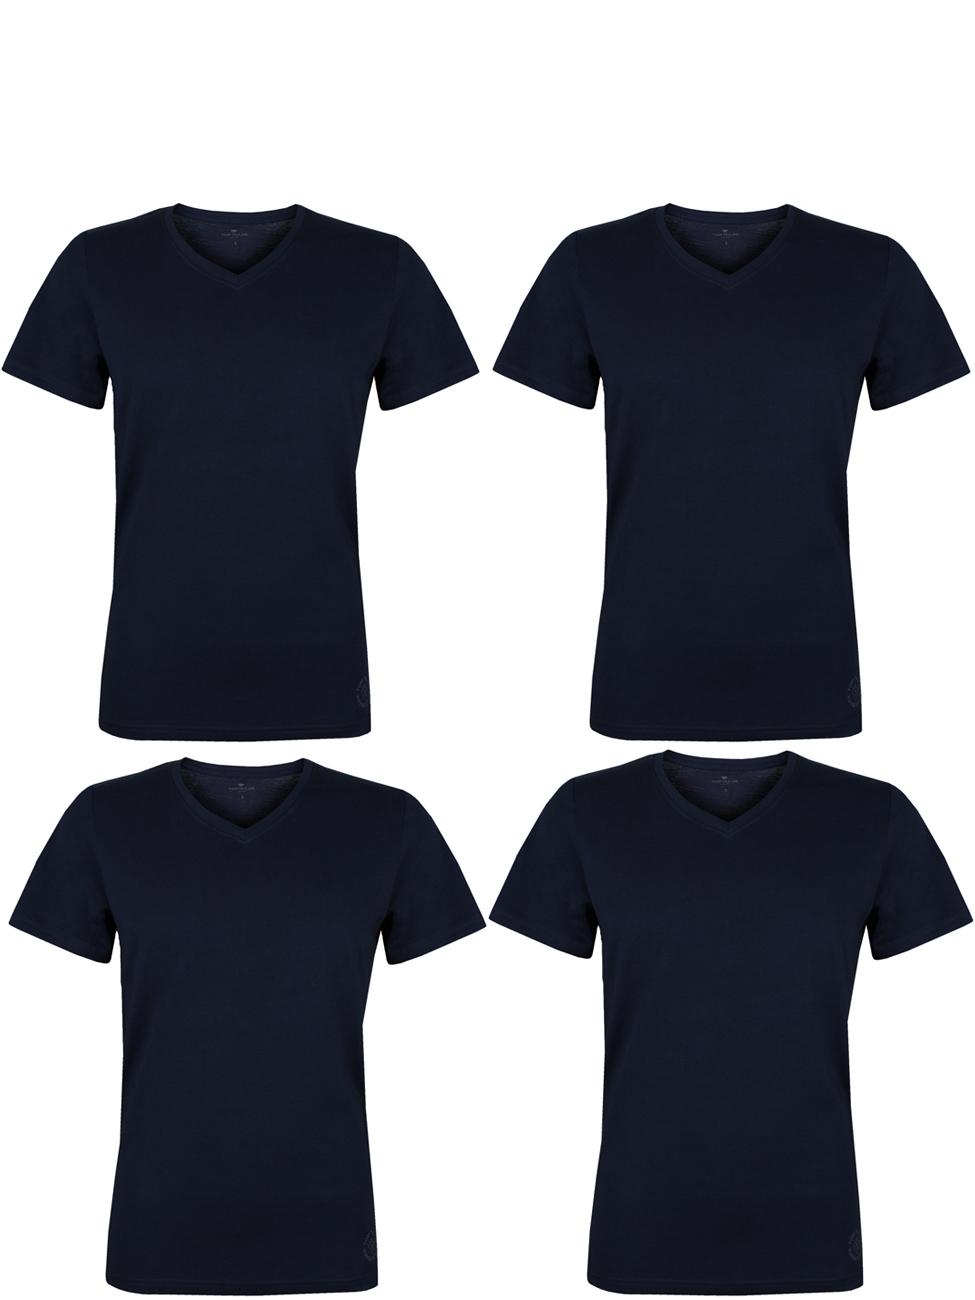 4er Pack Tom Tailor Uni O-Neck / V-Neck T-Shirt - 100% Baumwolle bis 3XL [Amazon Pay]